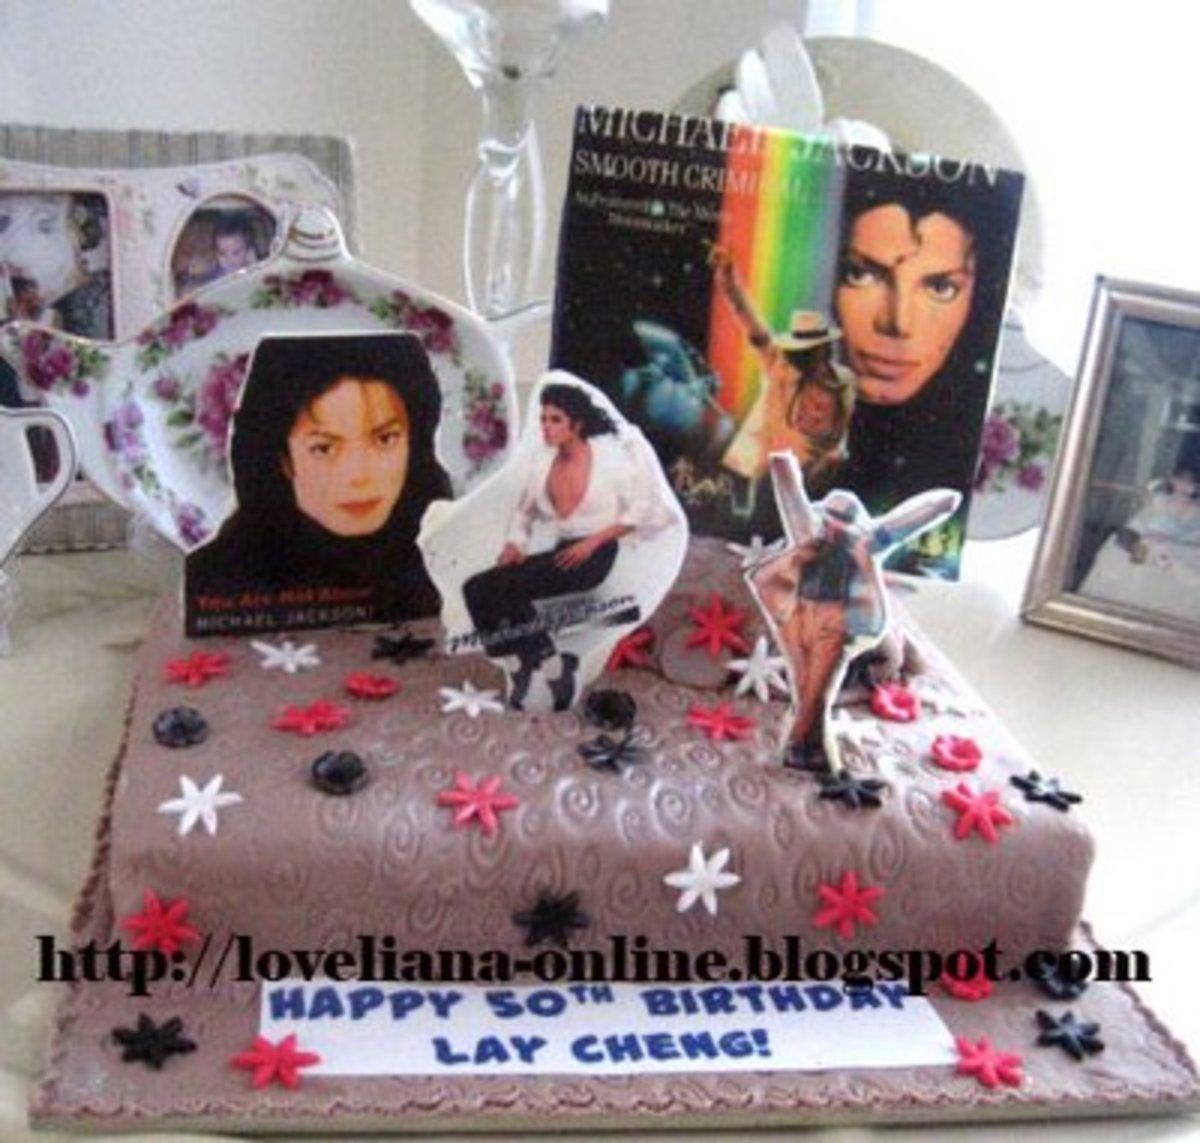 loveliana-online.blogspot.com